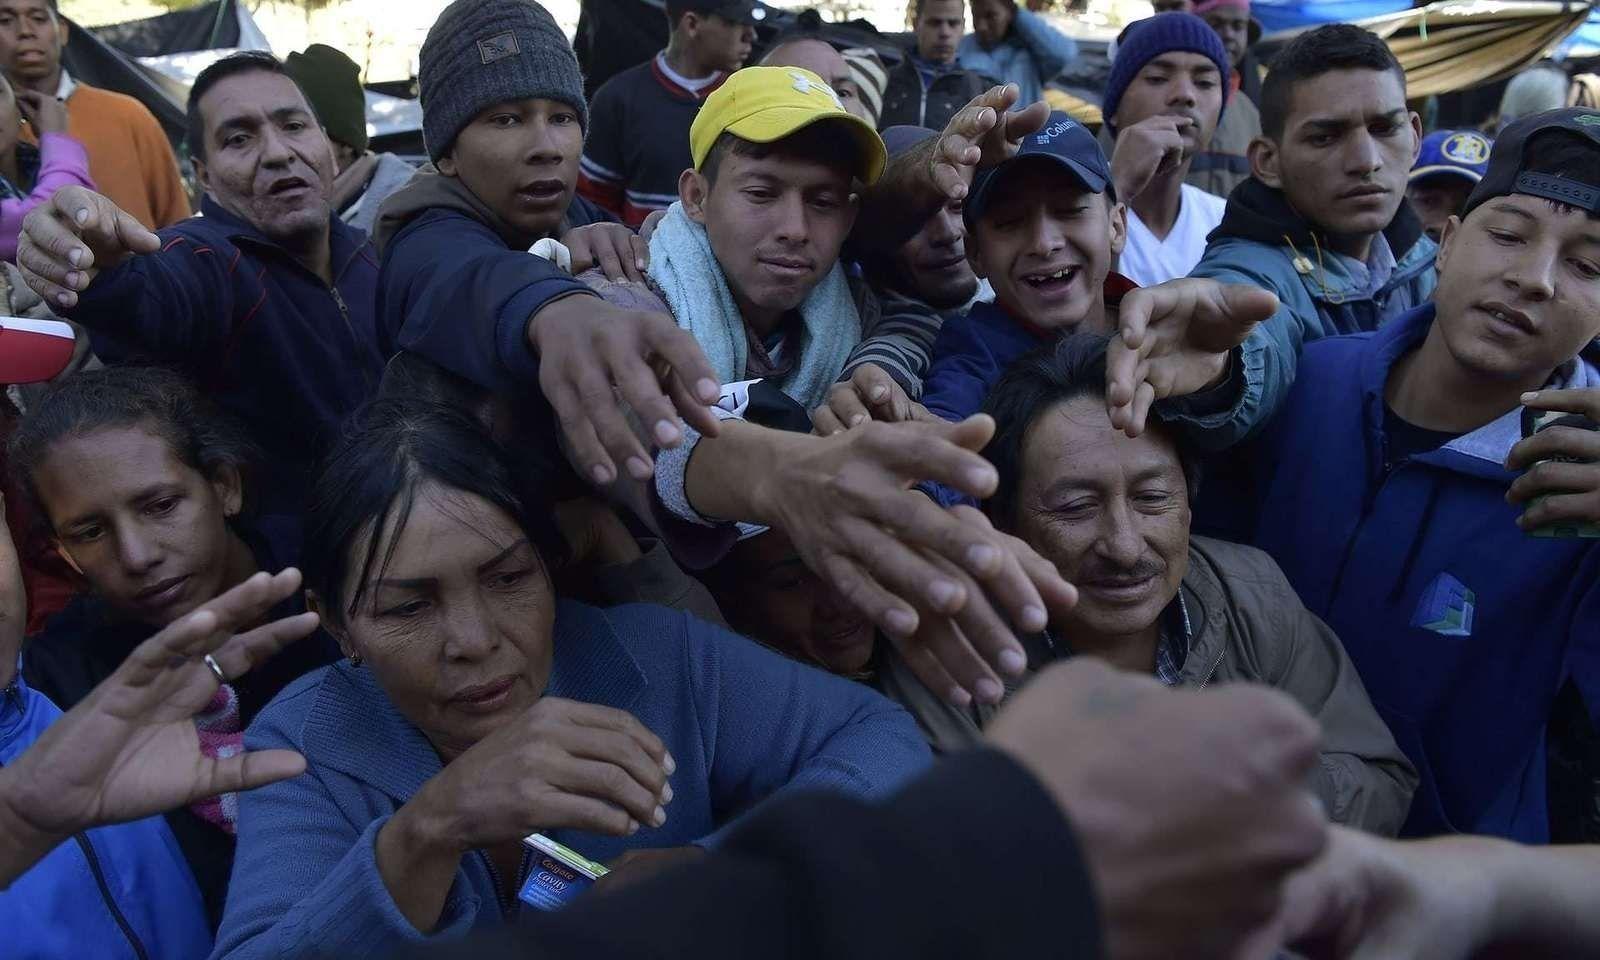 Энэ он гарсаар хагас сая гаруй Венесуэлийн иргэн Эквадорт дүрвэж ирснийг НҮБ мэдээллээ